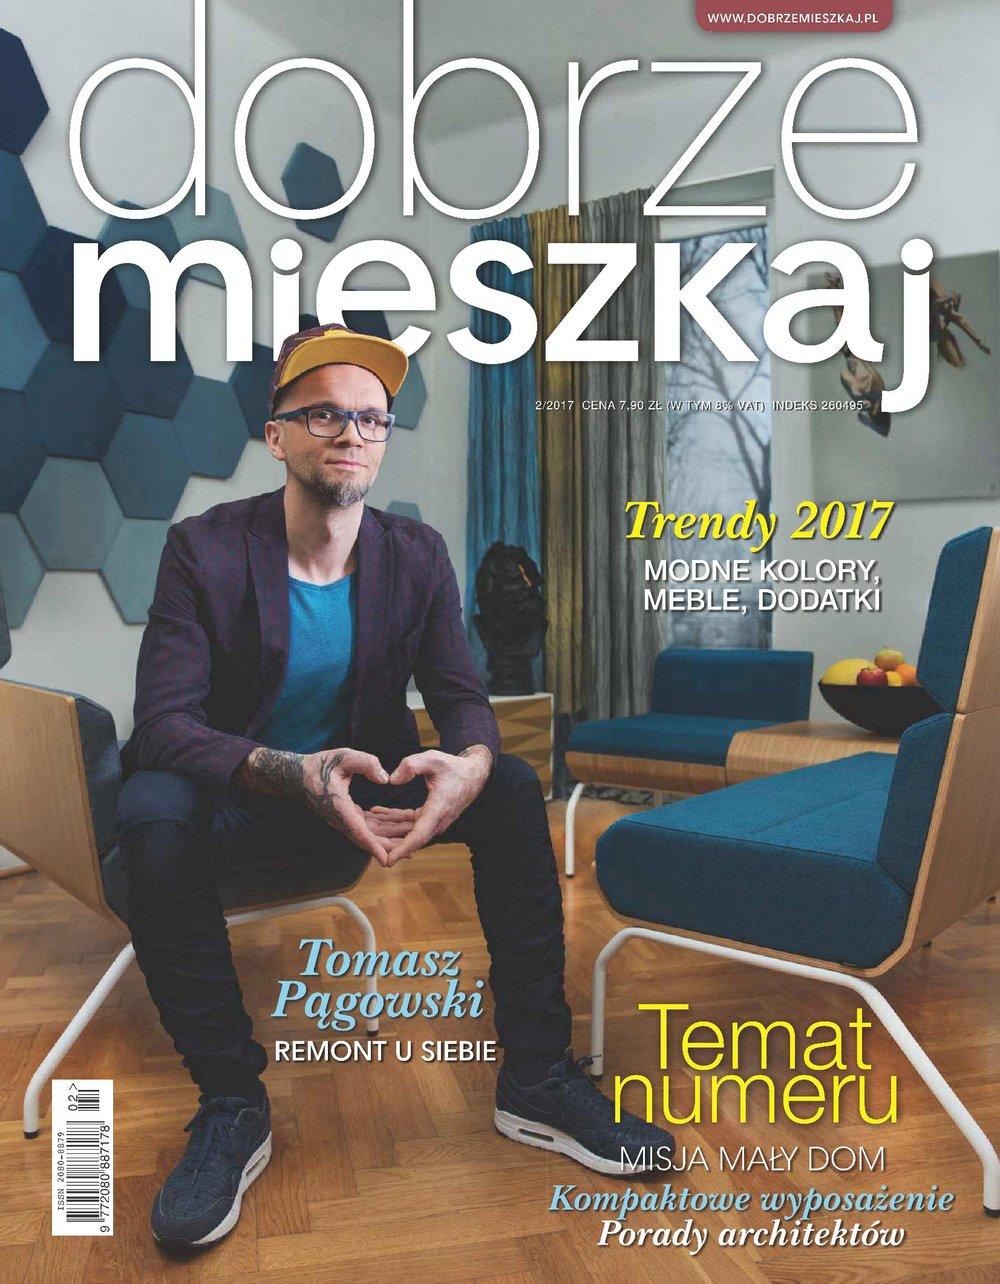 Dobrze Mieszkaj / Feb. 2017